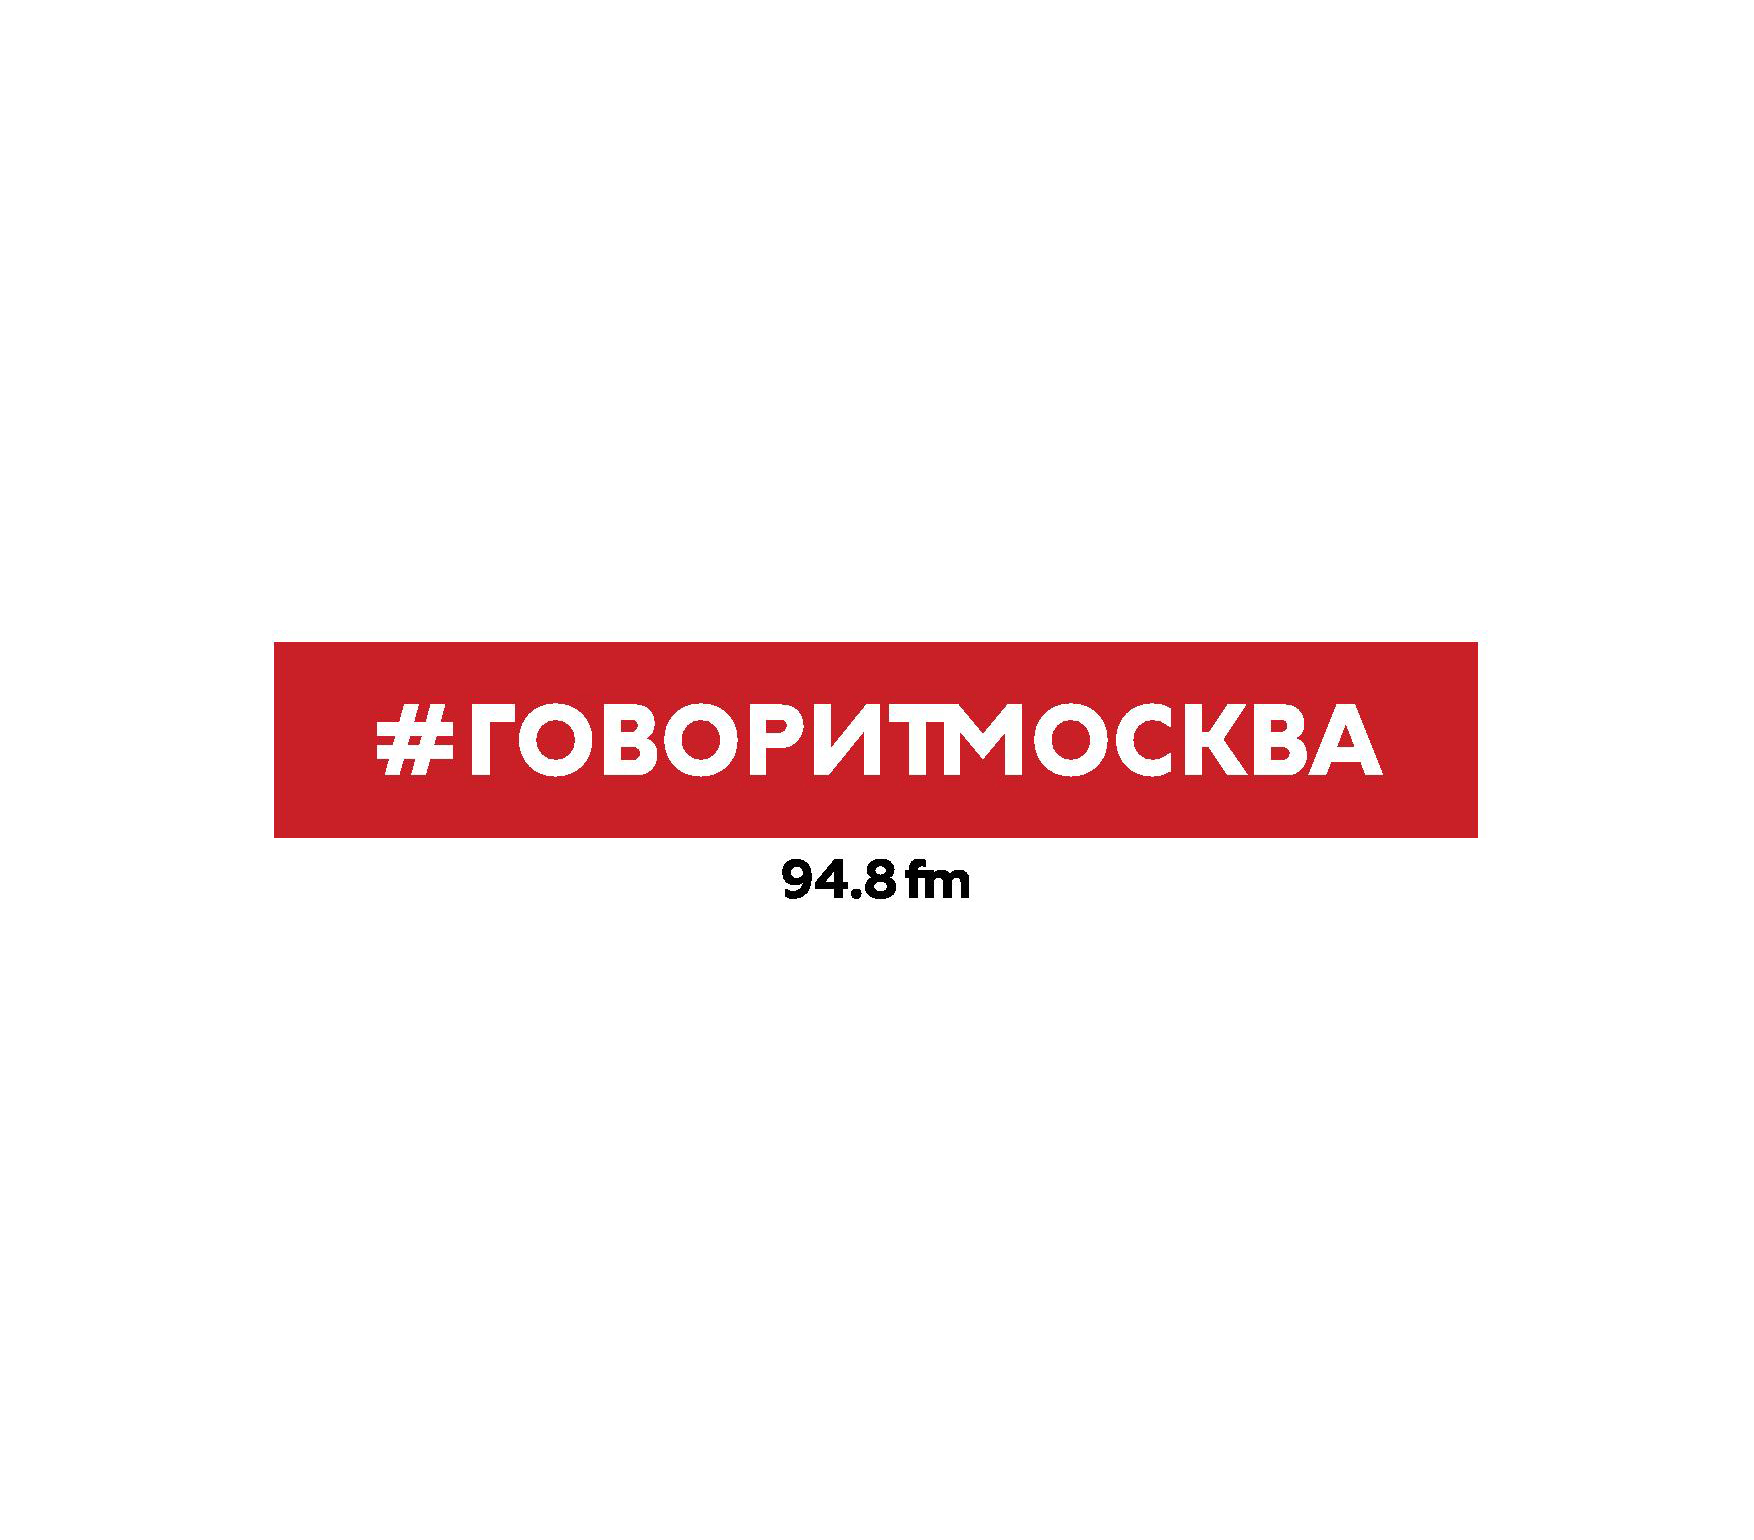 лучшая цена Макс Челноков 30 апреля. Дмитрий Маликов